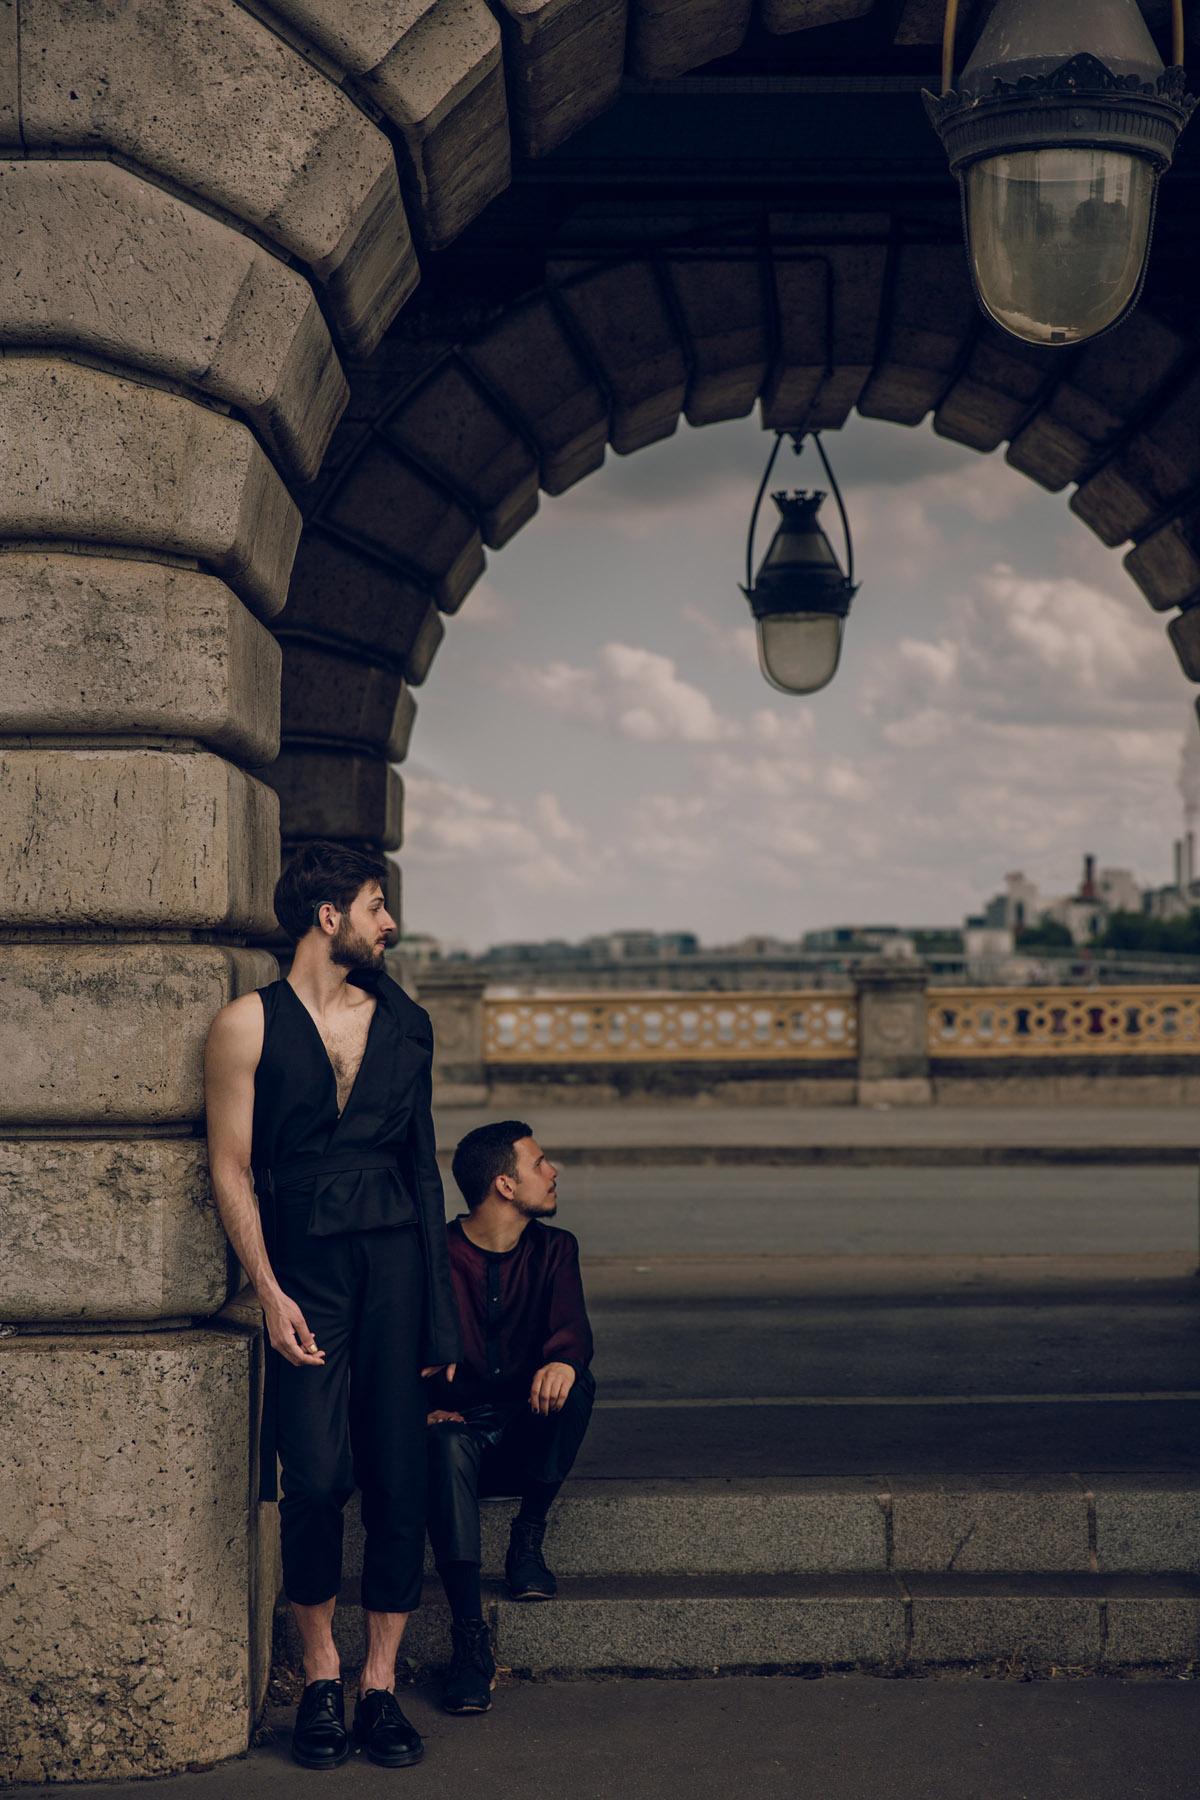 Modèles Nicolas Combat, Fado Brajou - Stylisme Lucas Wild - Makeup Marie Crocobise - Assistant Ad Gir - La Communauté Minuscule - Jean Ranobrac